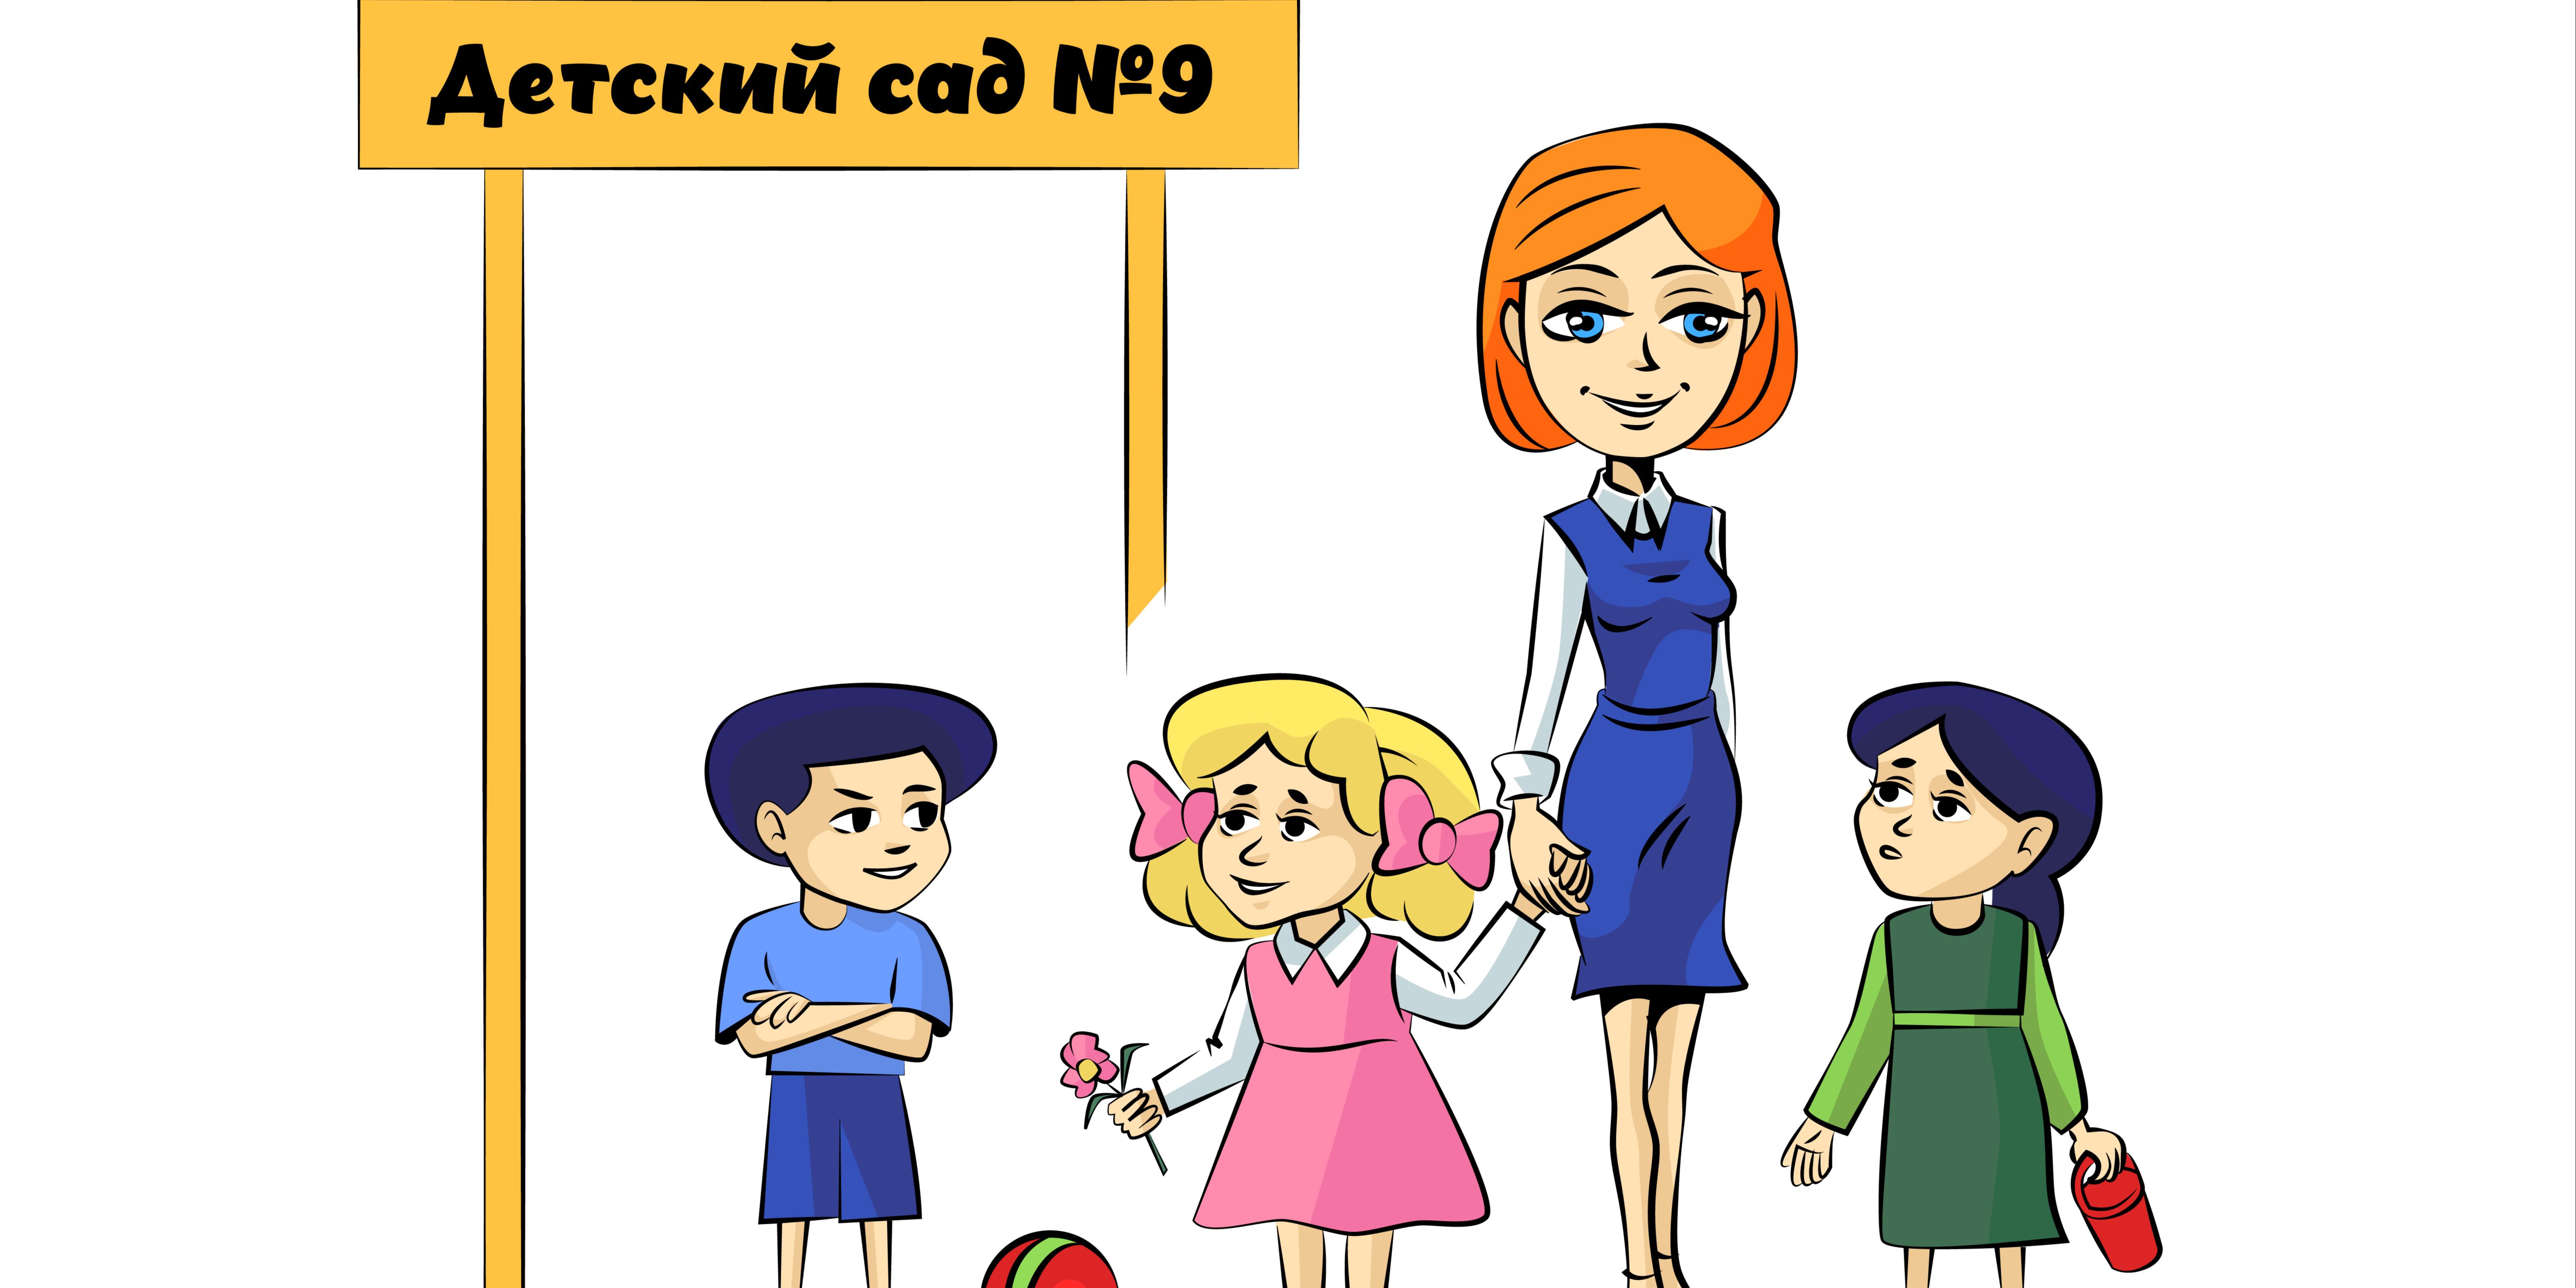 Утверждены Санитарно-эпидемиологические требования к дошкольным организациям и домам ребенка